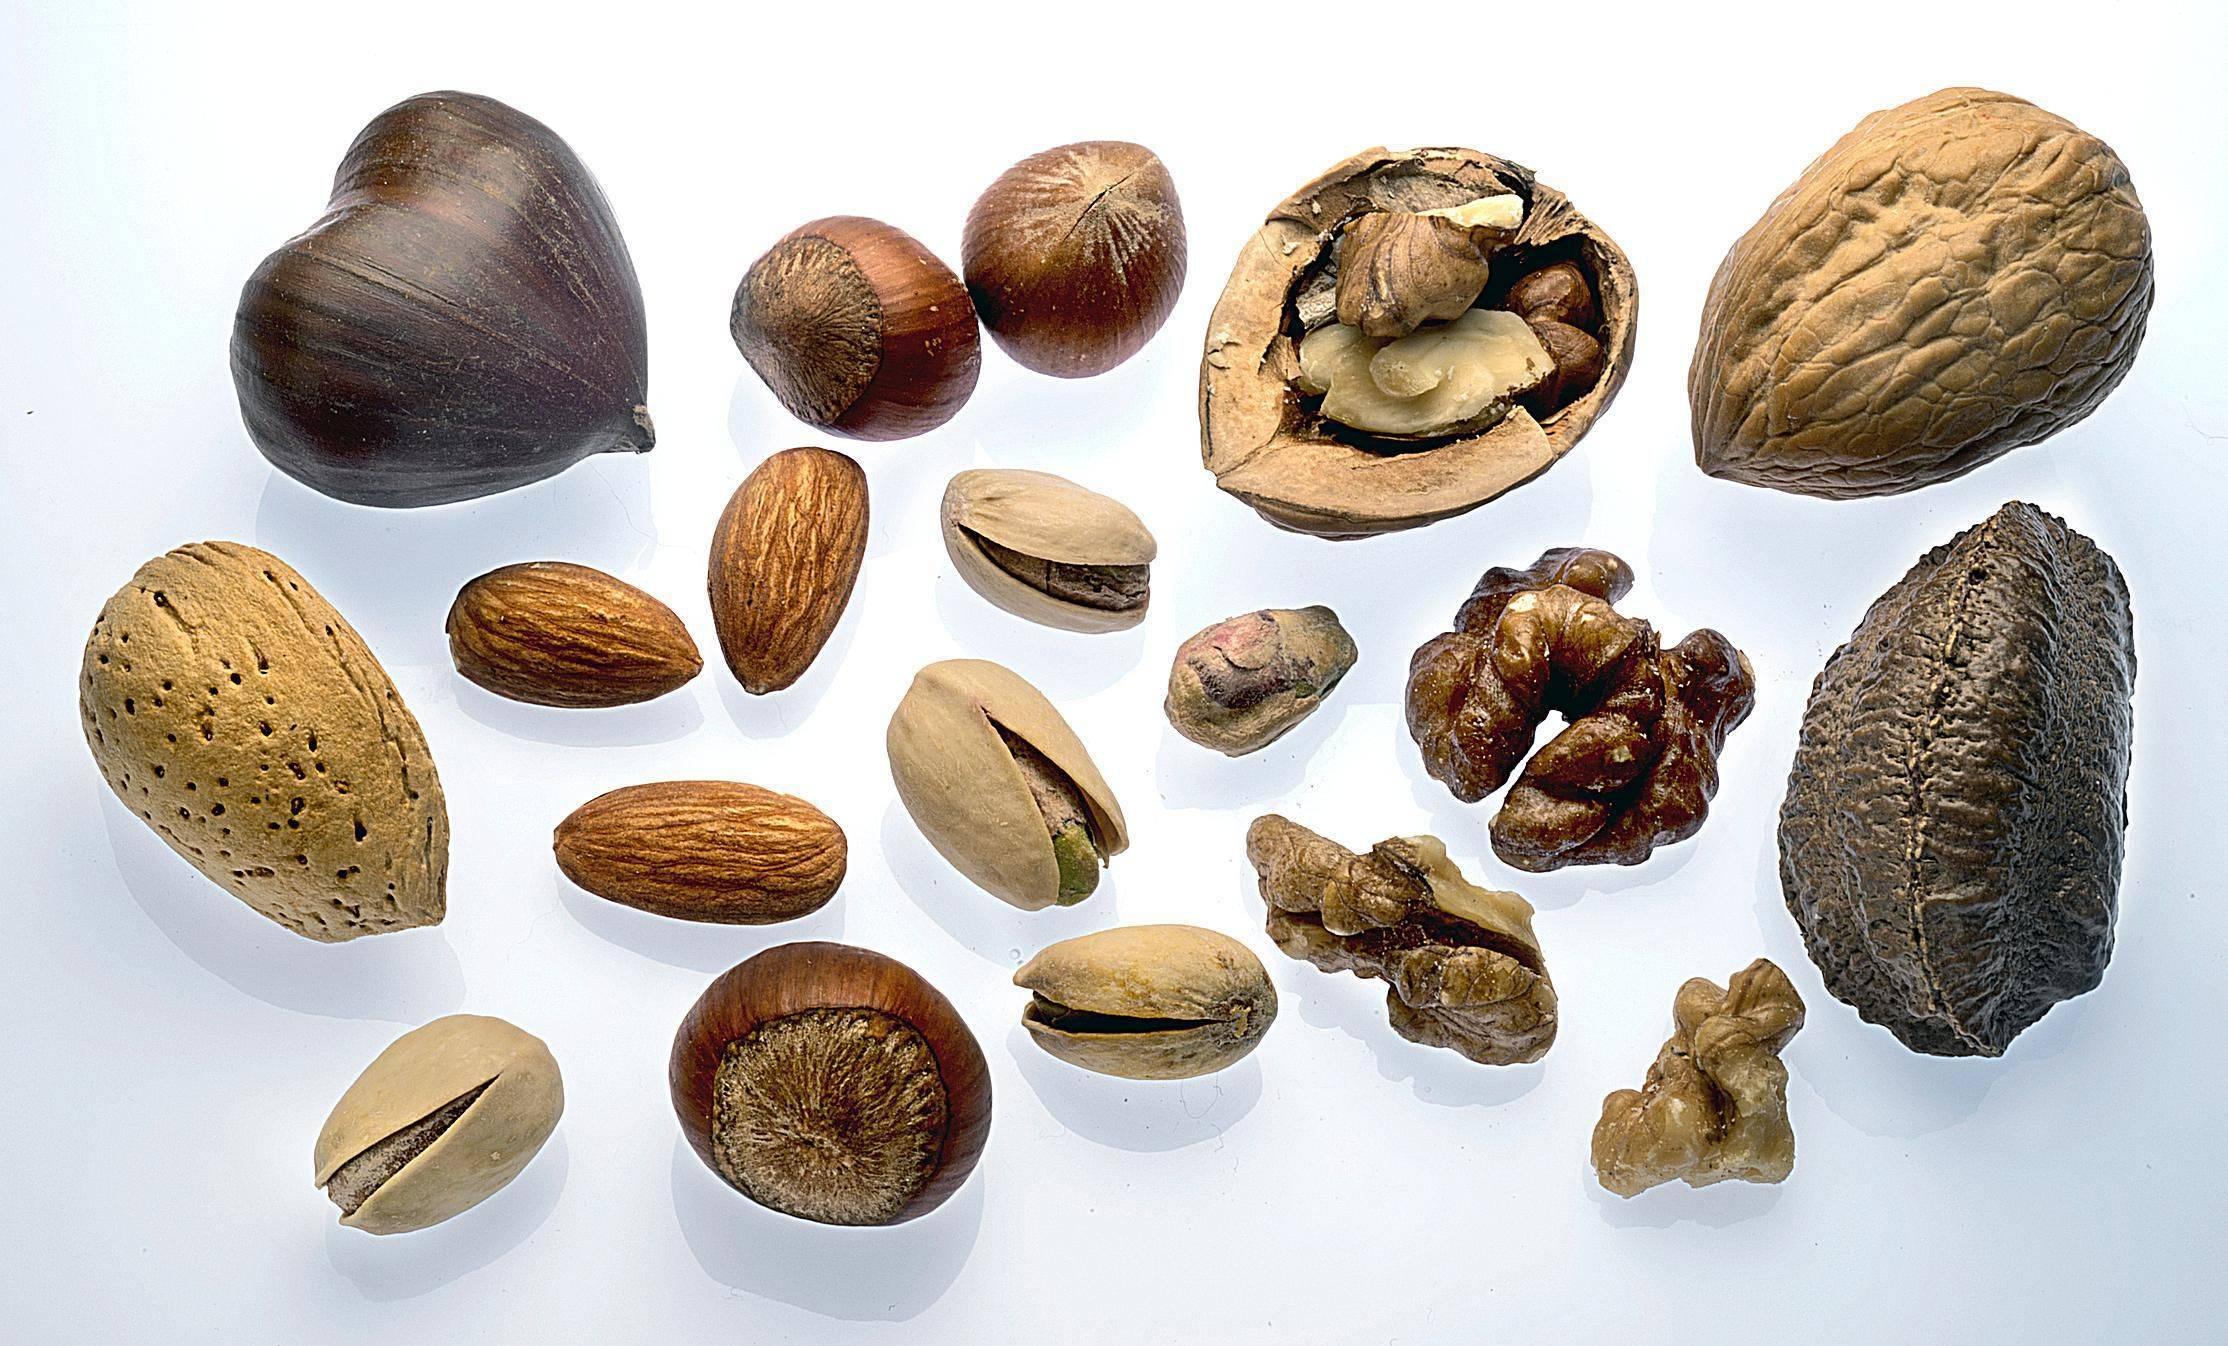 Орехи – описание видов с фото, полезные свойства для здоровья